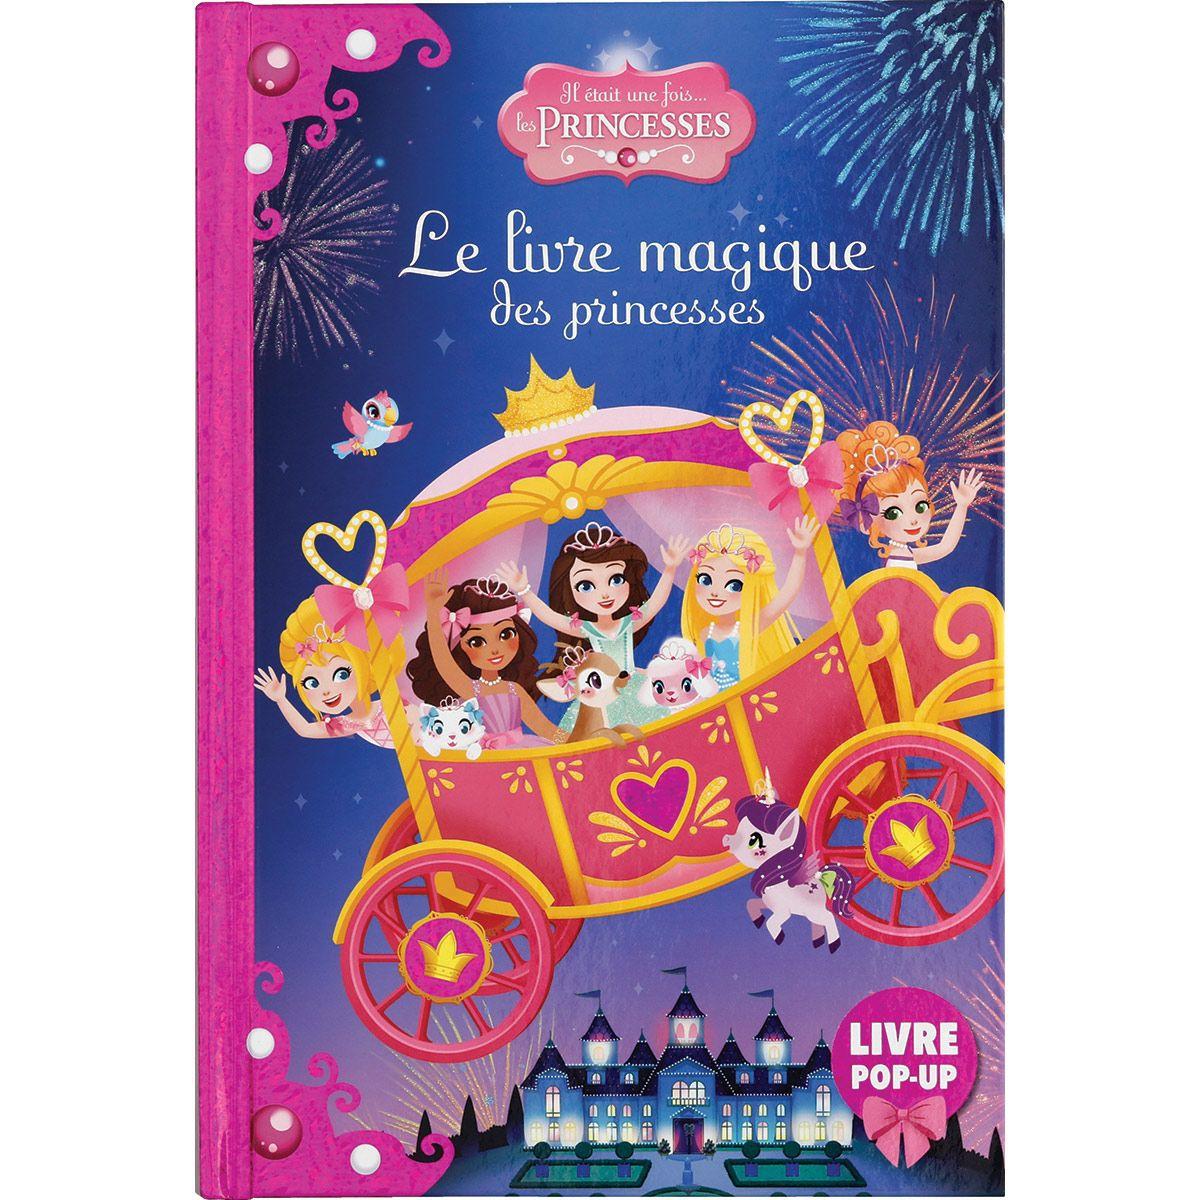 le livre magique des princesses